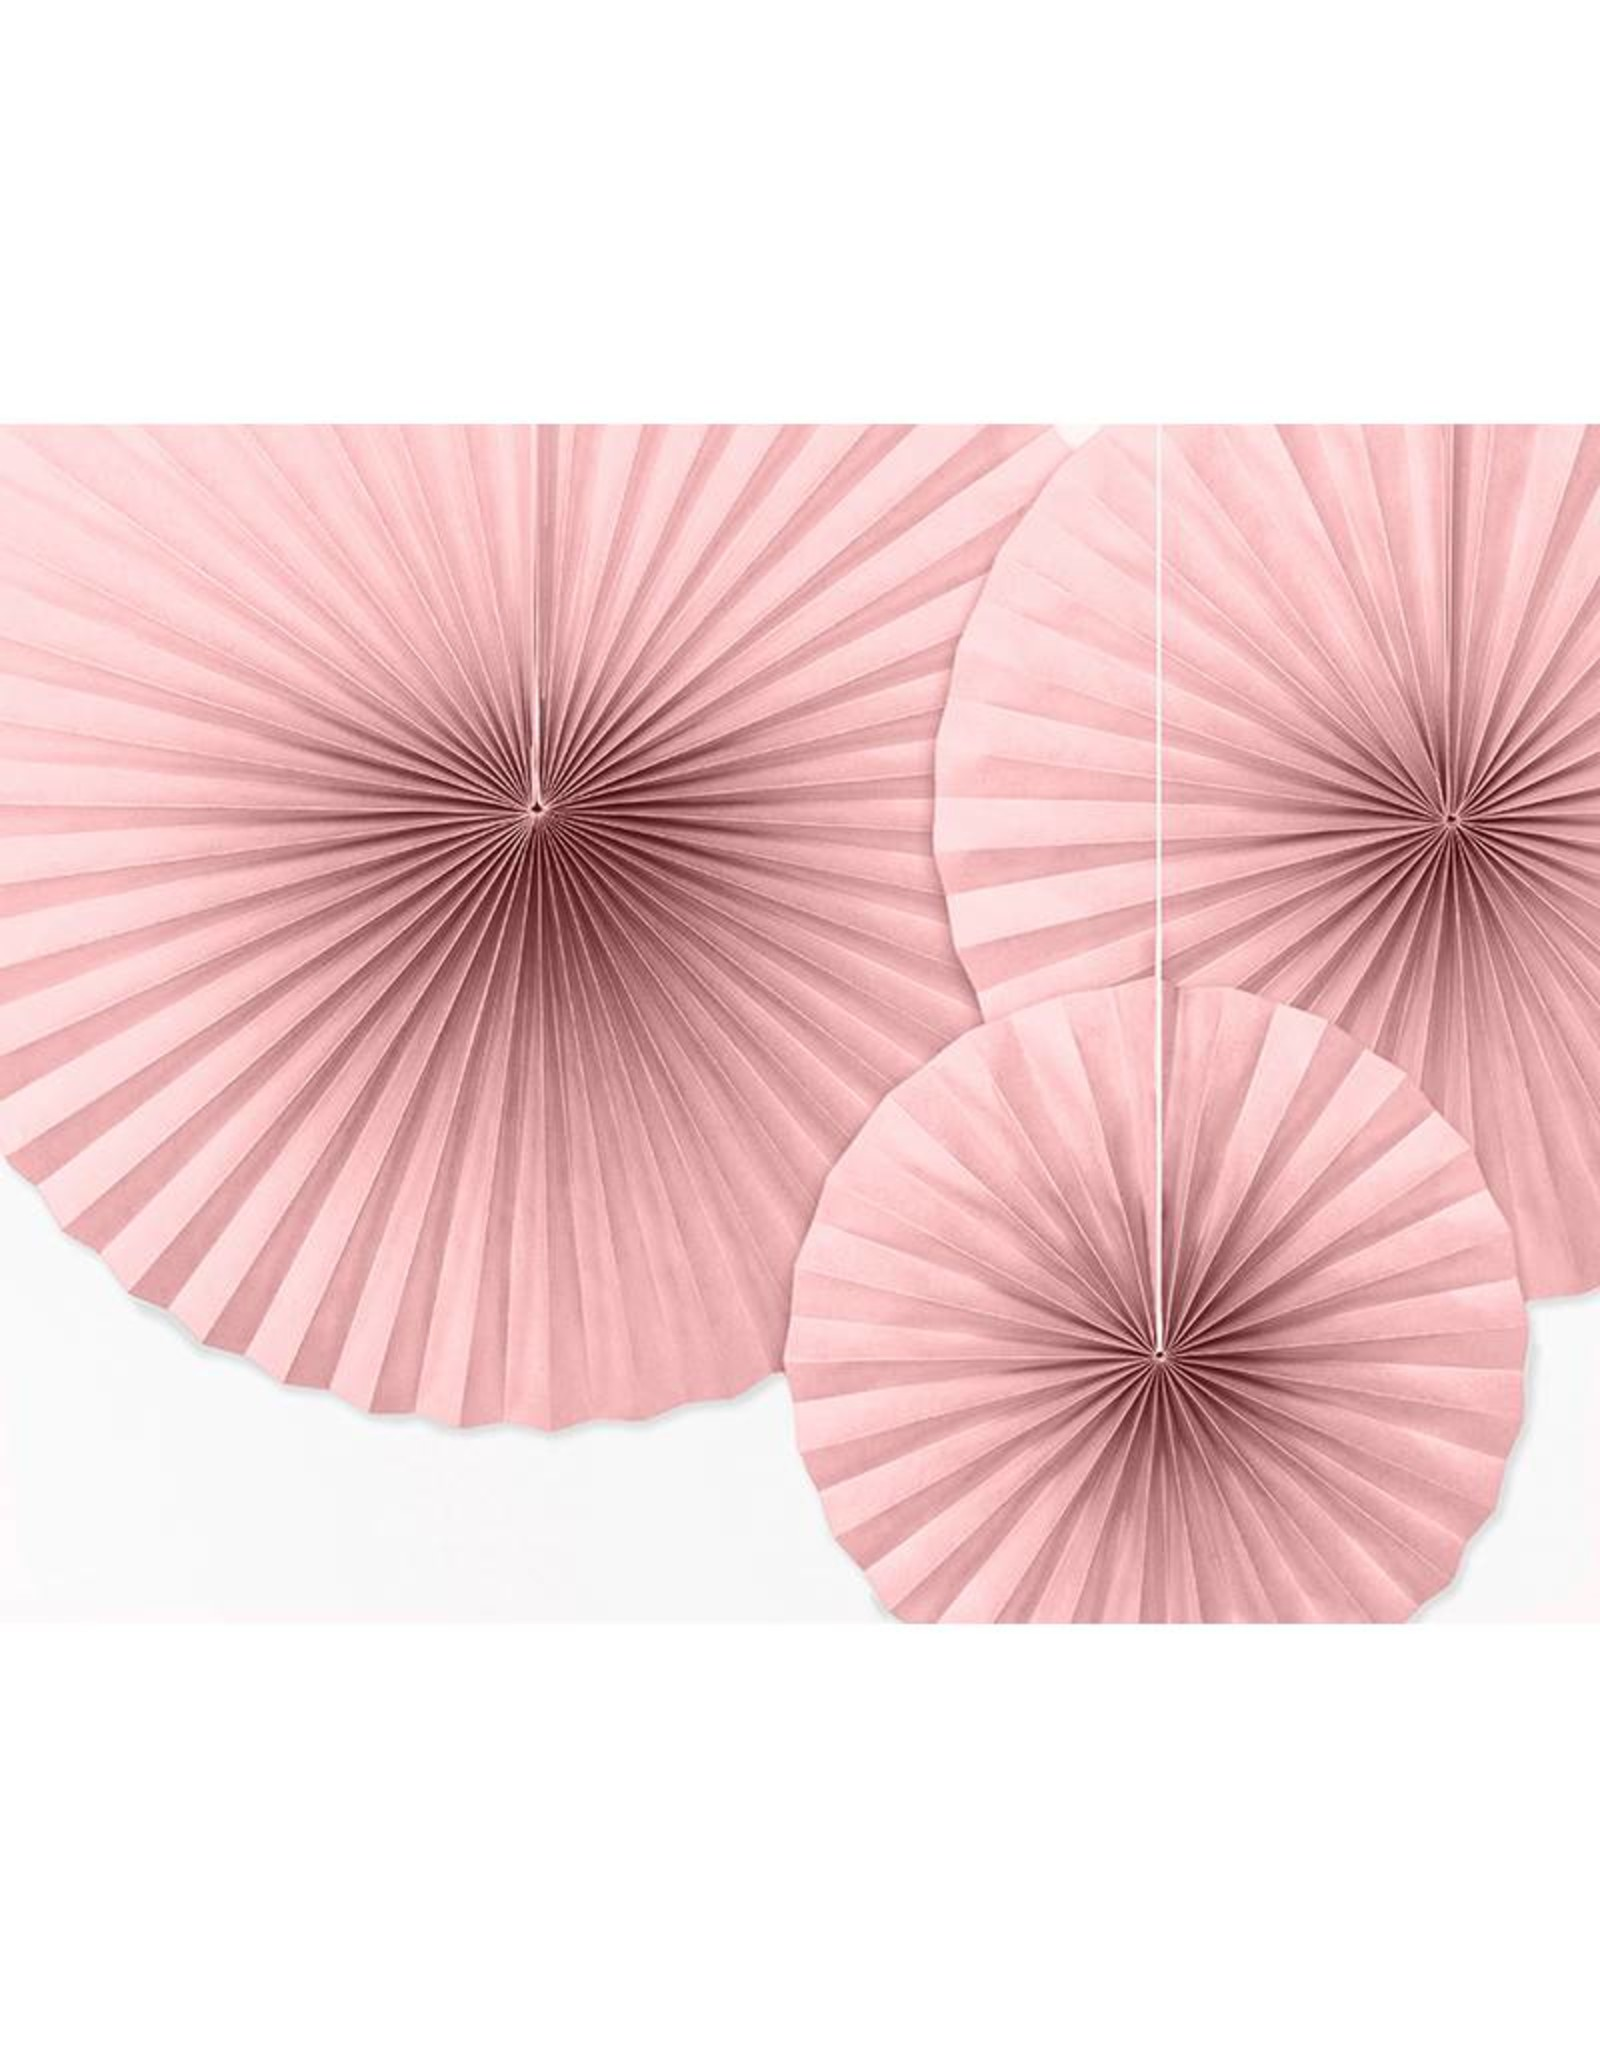 PartyDeco Papieren waaiers dusty rose | 3 stuks